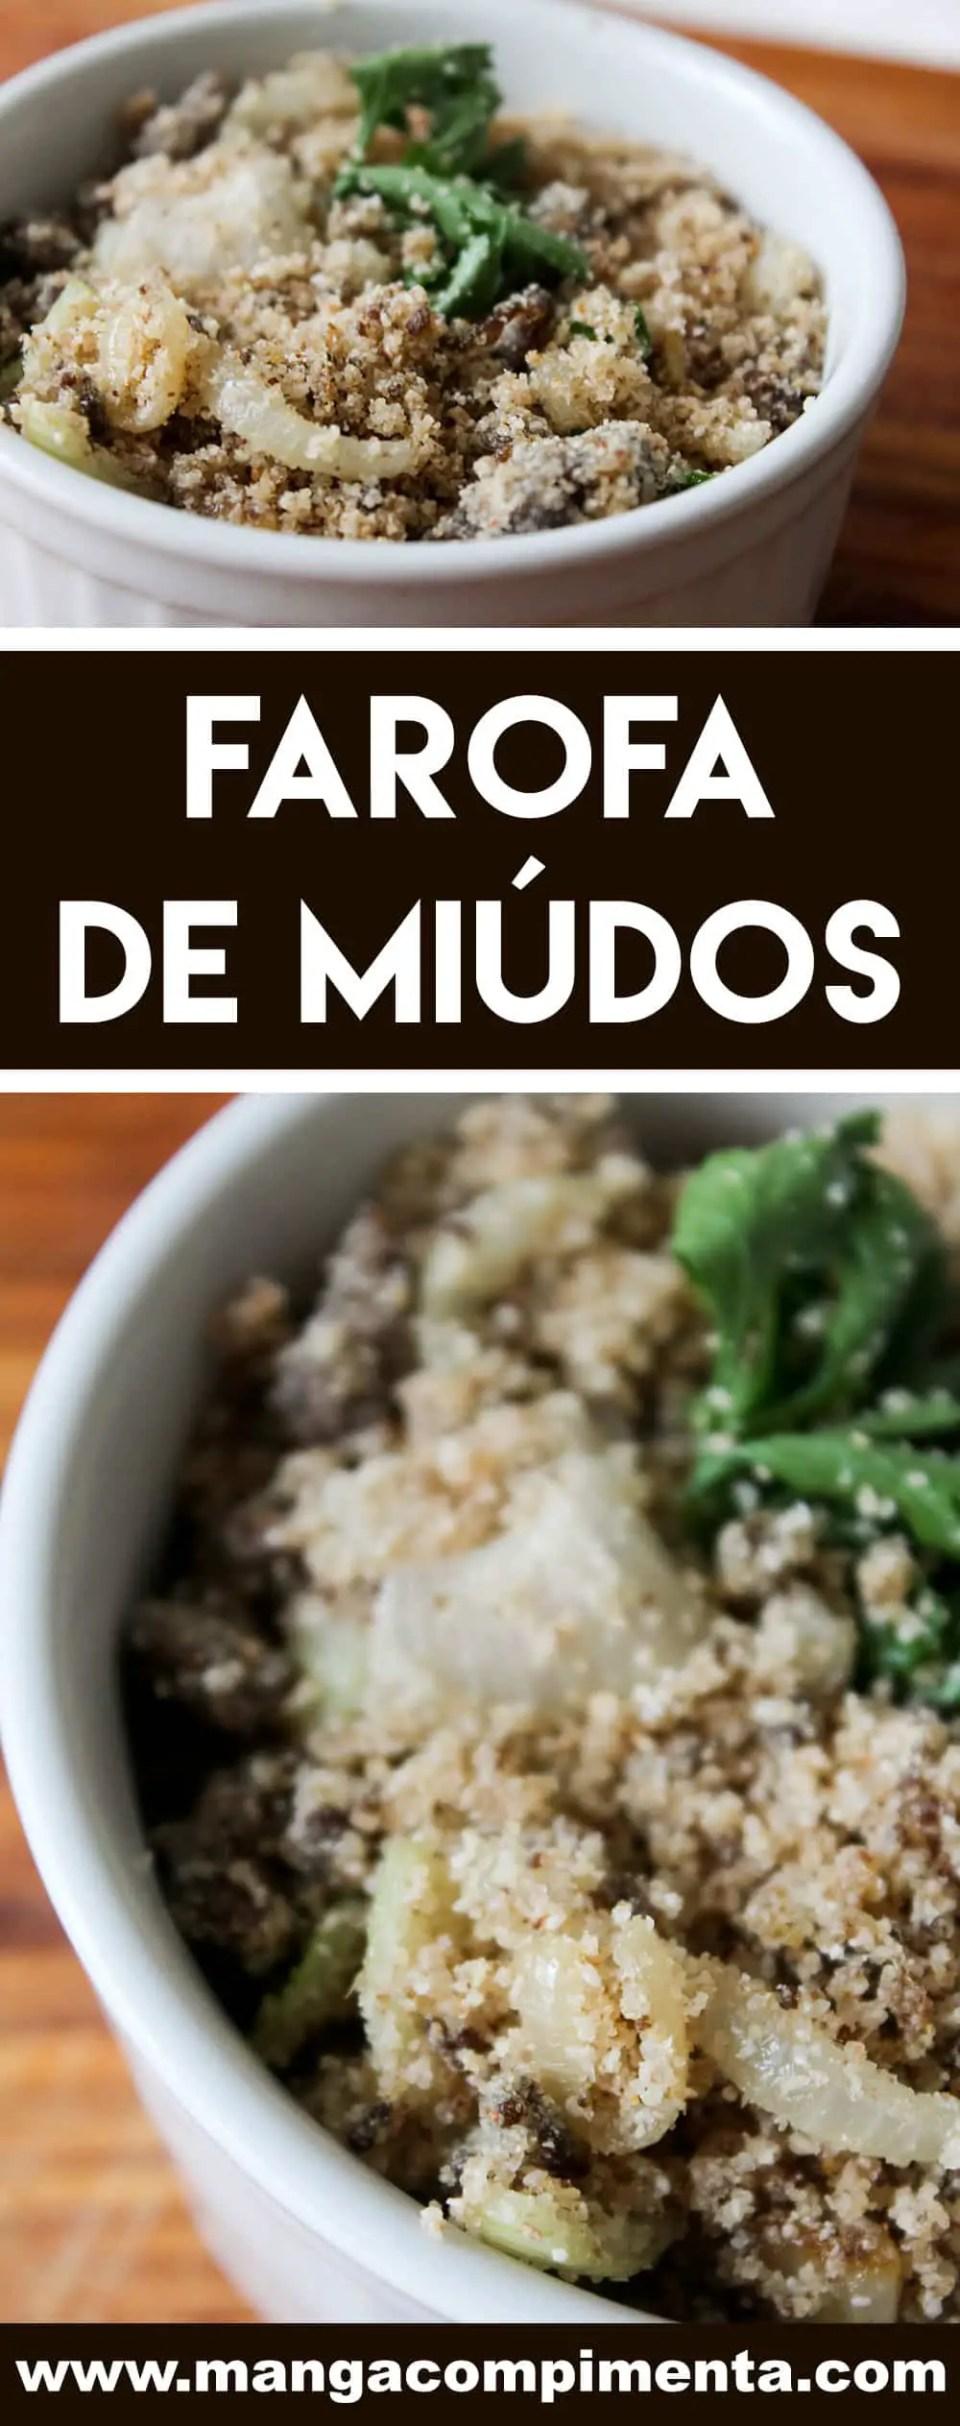 Receita de Farofa de Miúdos de Frango - prepare para servir no Final do Ano ou para acompanhar aquele frango assado de Domingo!